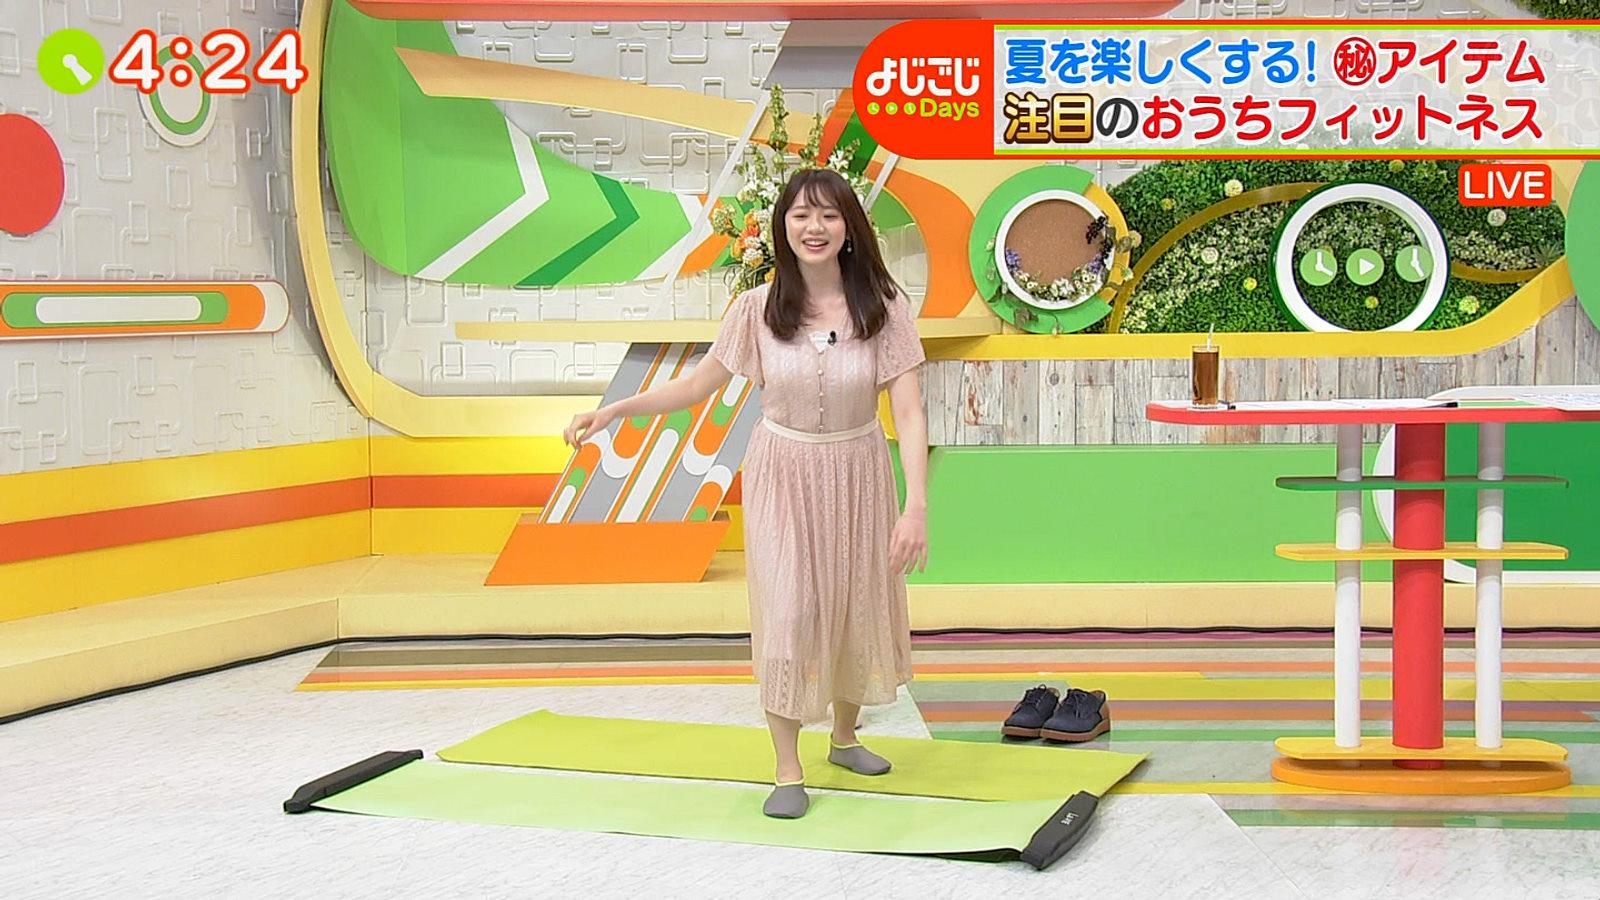 森香澄_女子アナ_おっぱい_乳揺れ_よじごじDAYS_39